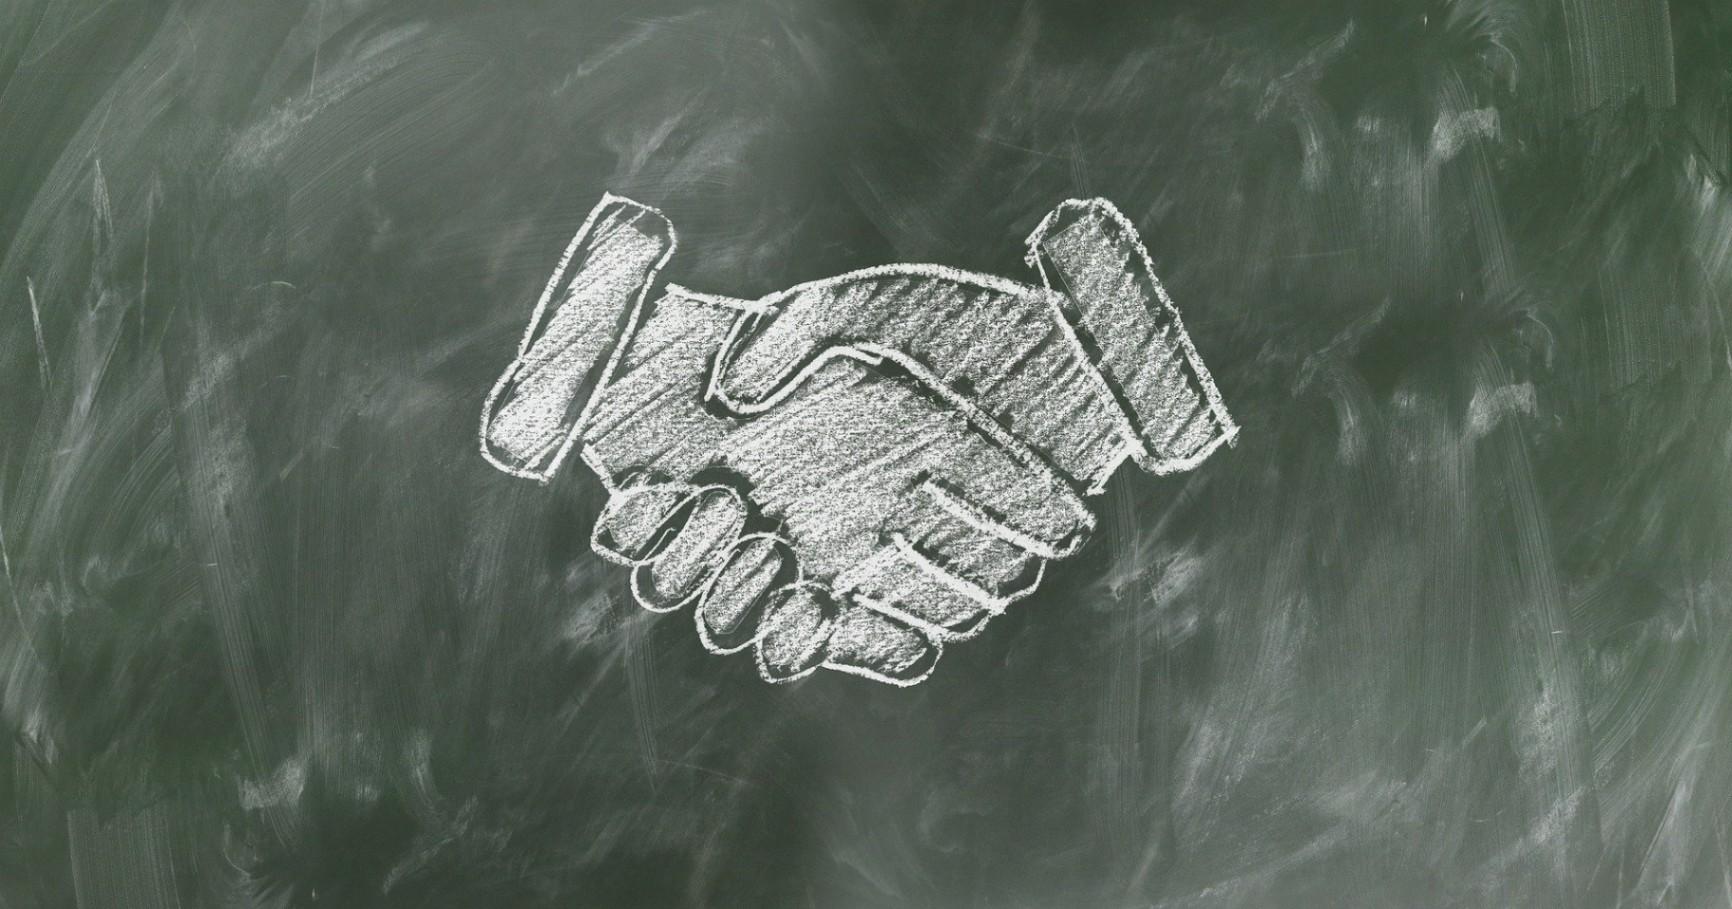 Découvrir Les Conseils à Bénéficier d'un Prêt Personnel Oney - Apprenez-en Plus